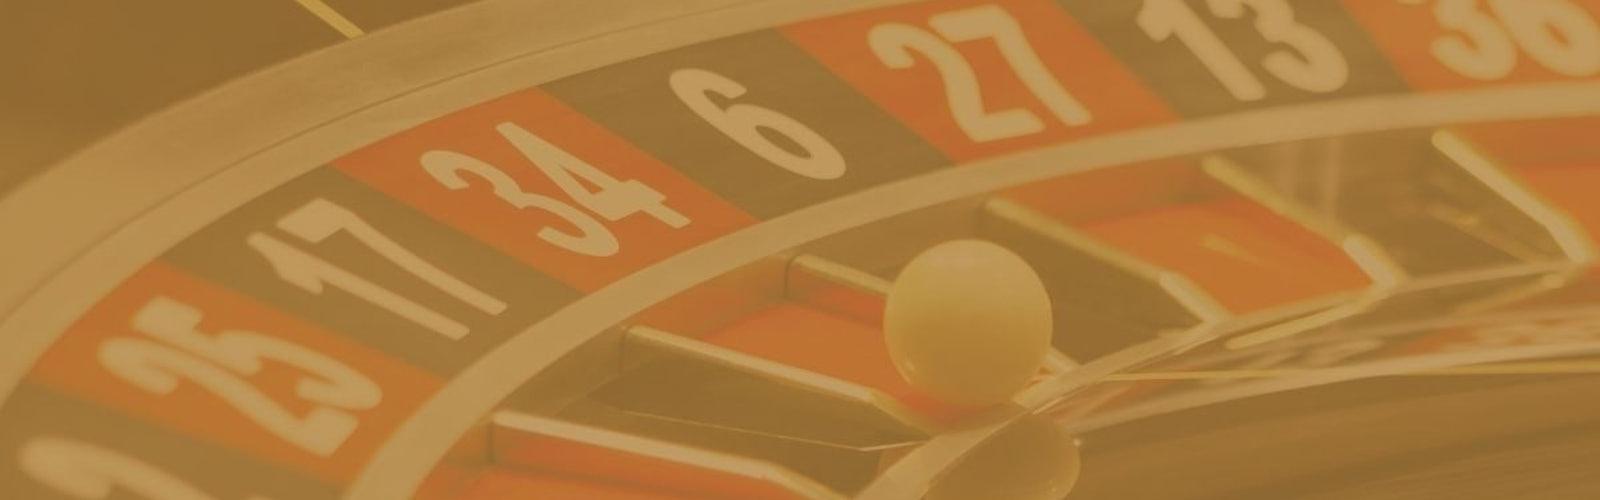 Roulette header